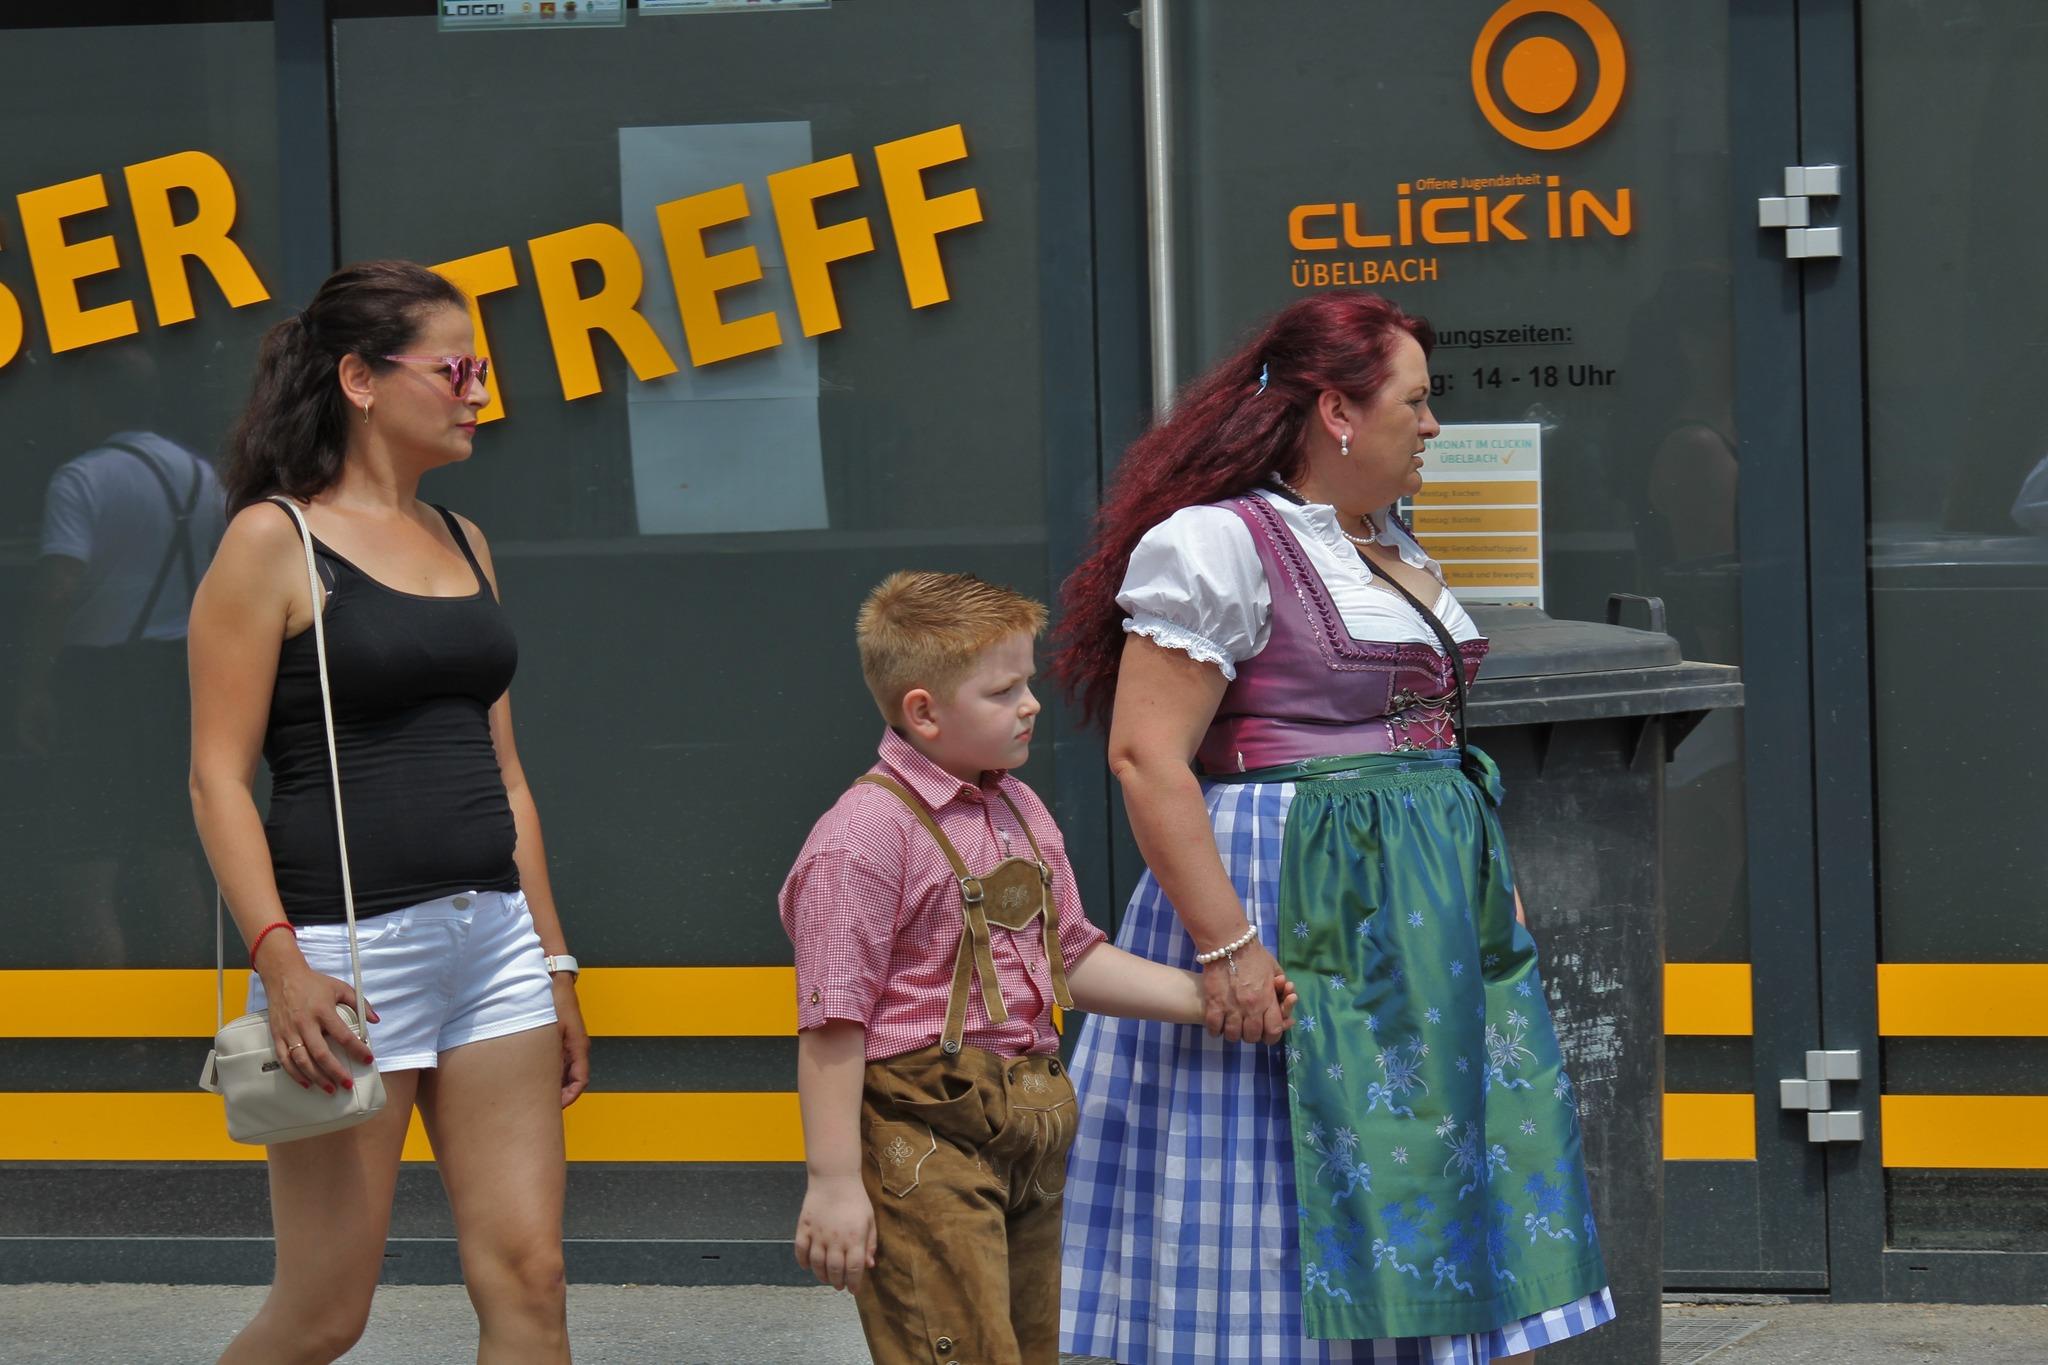 belbacher Steirerfest mit offizieller Erffnung - Graz-Umgebung